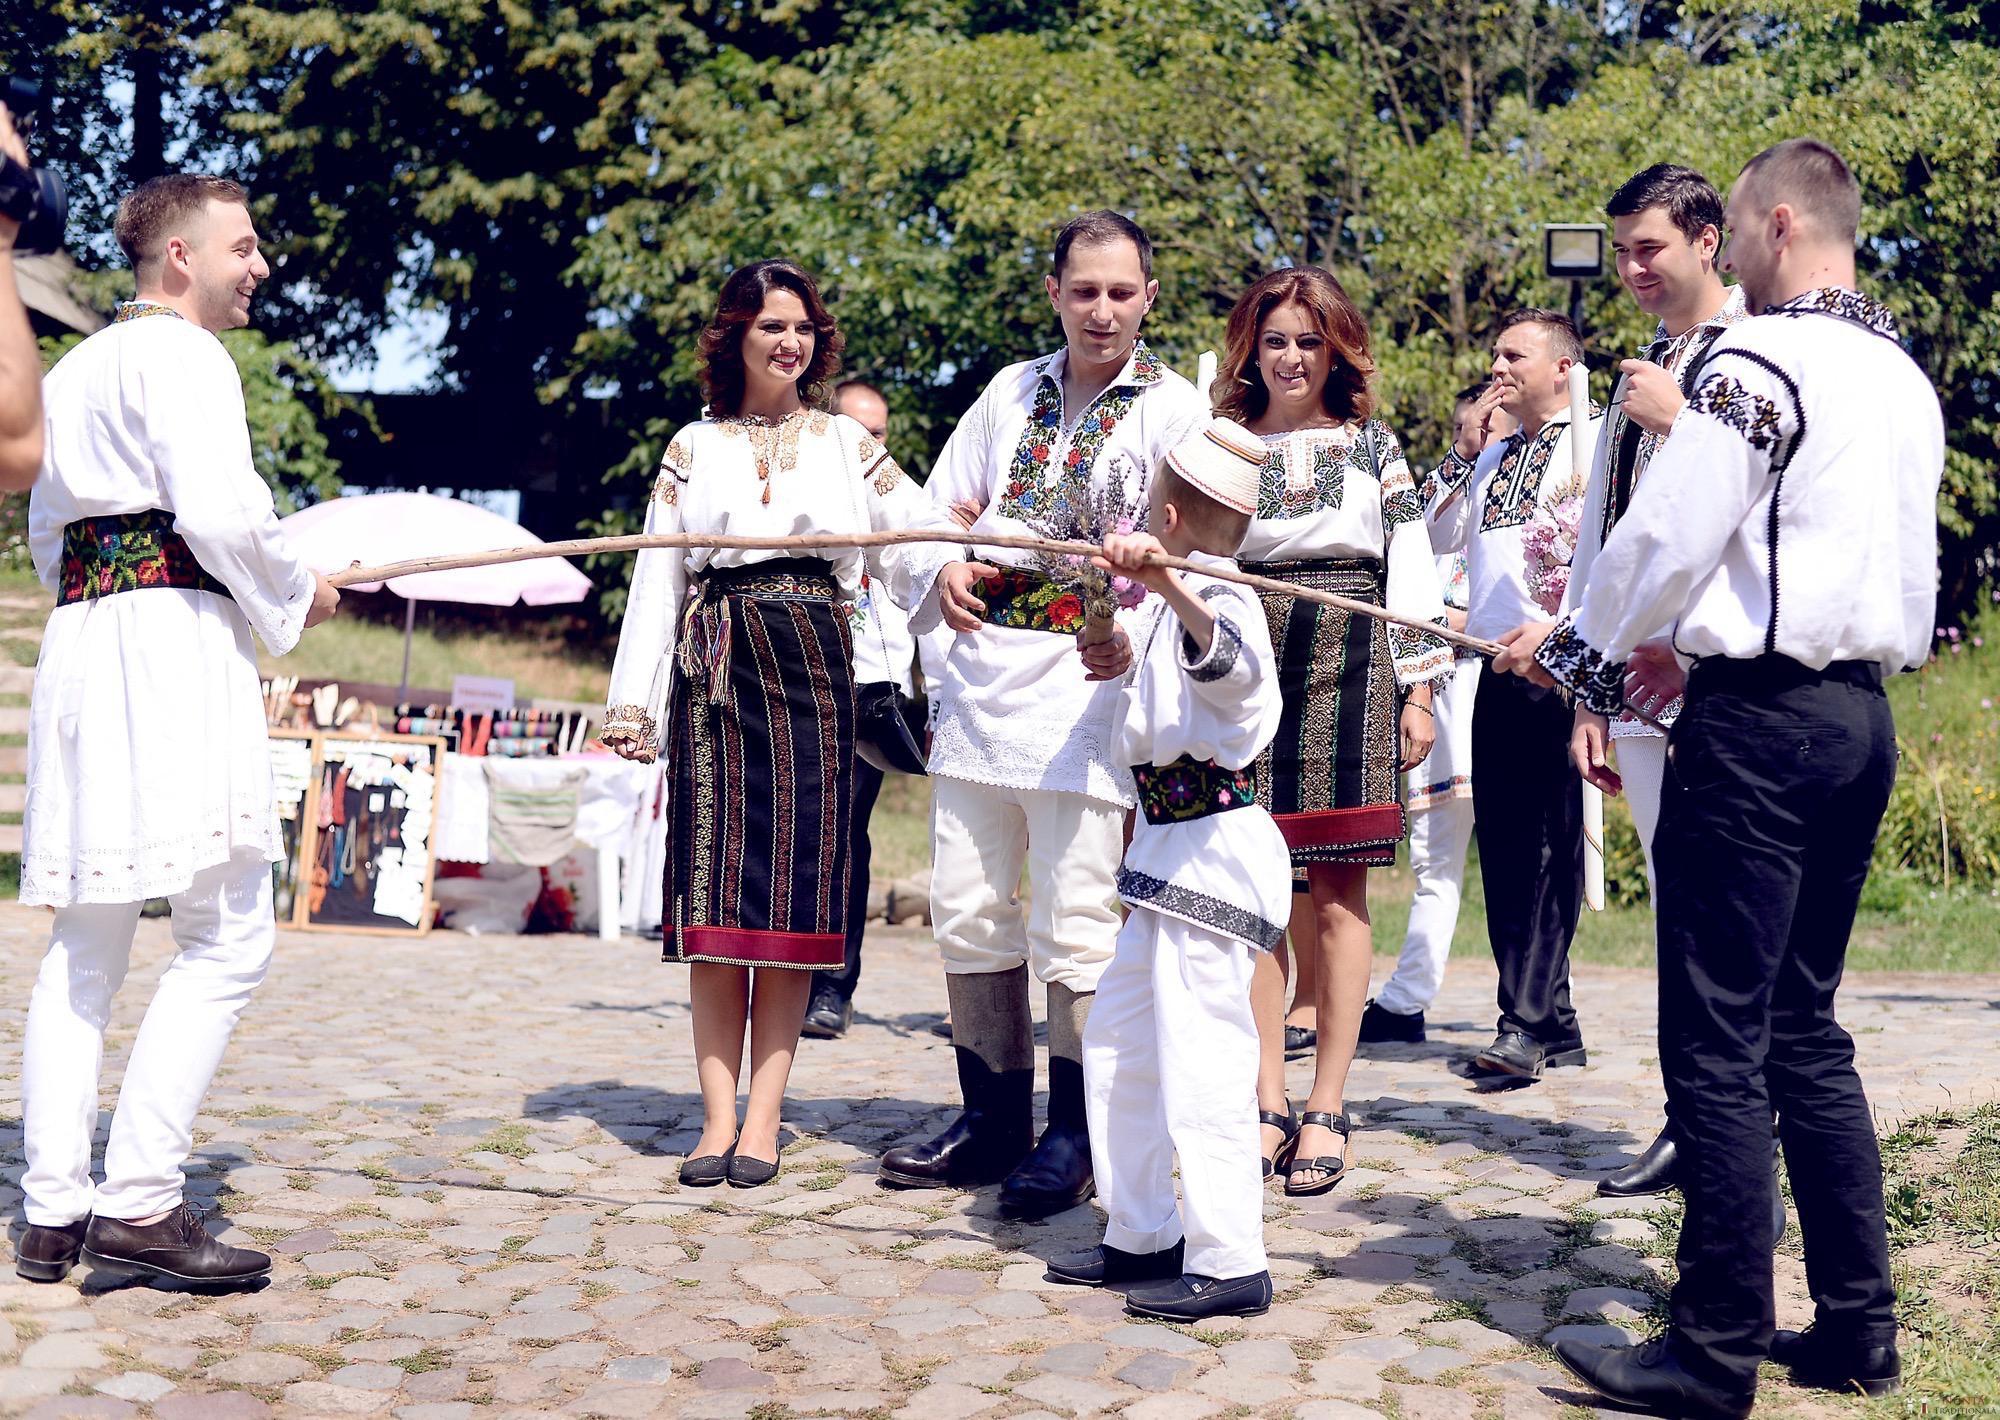 Povești Nunți Tradiționale - Iulia și Andrei. Nuntă tradițională în Bucovina. 41